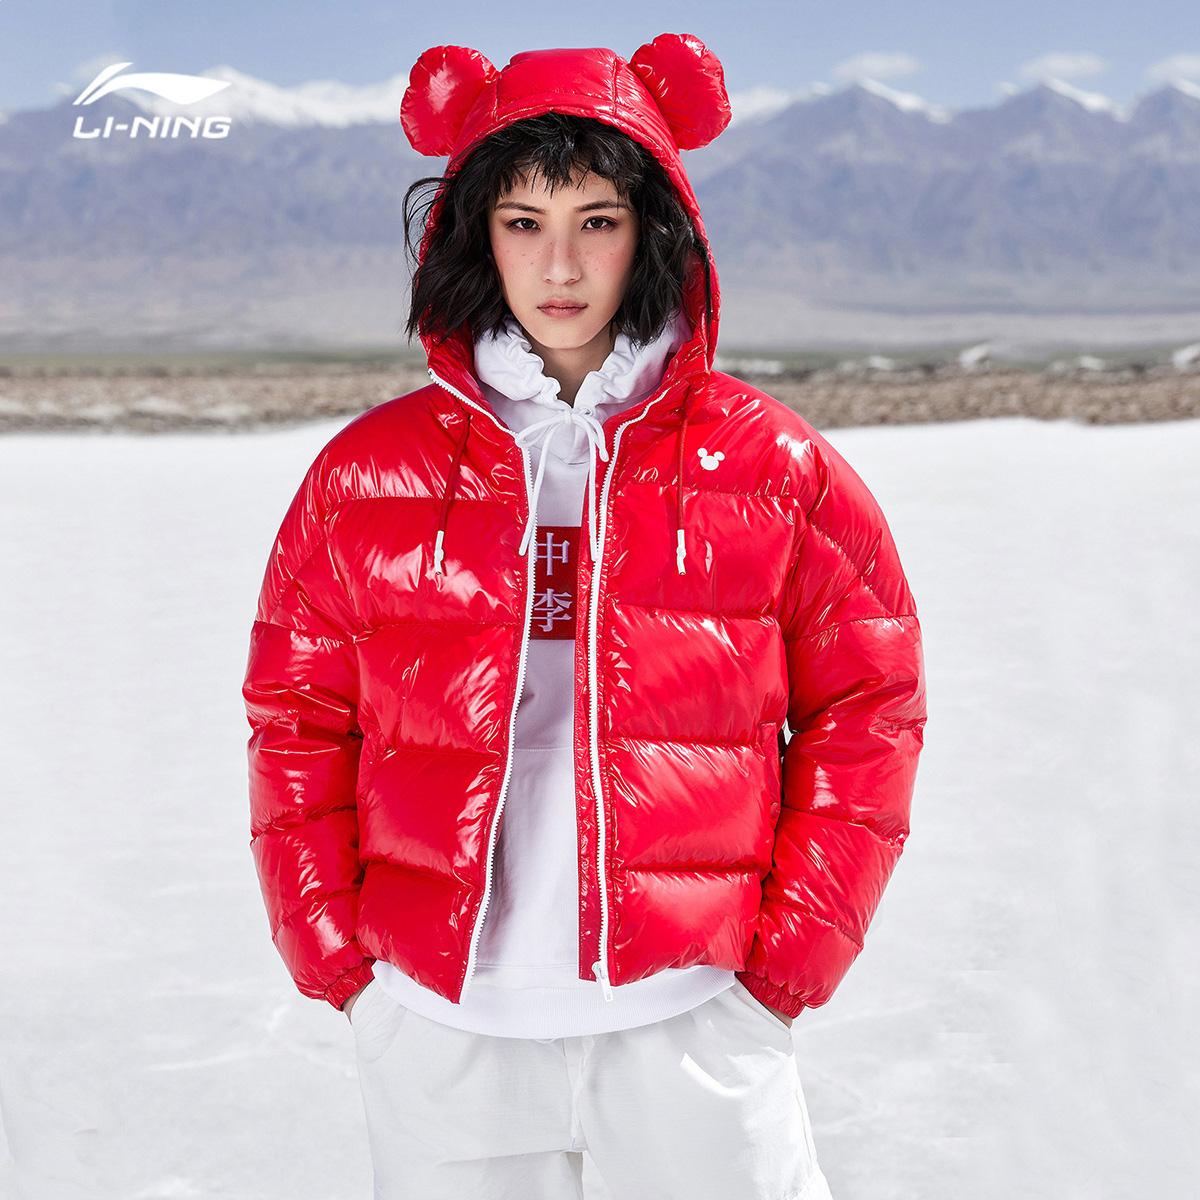 李宁迪士尼米奇联名款短款羽绒服女新款连帽冬季白鸭绒运动服图片